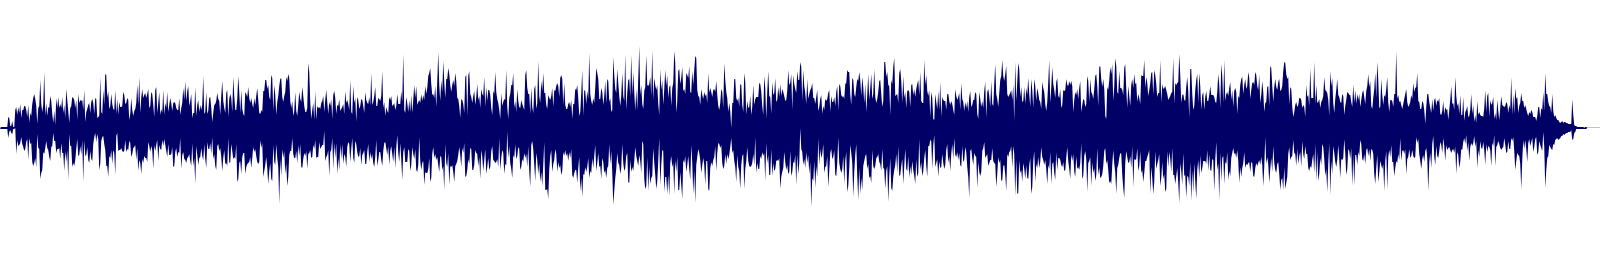 waveform of track #150459